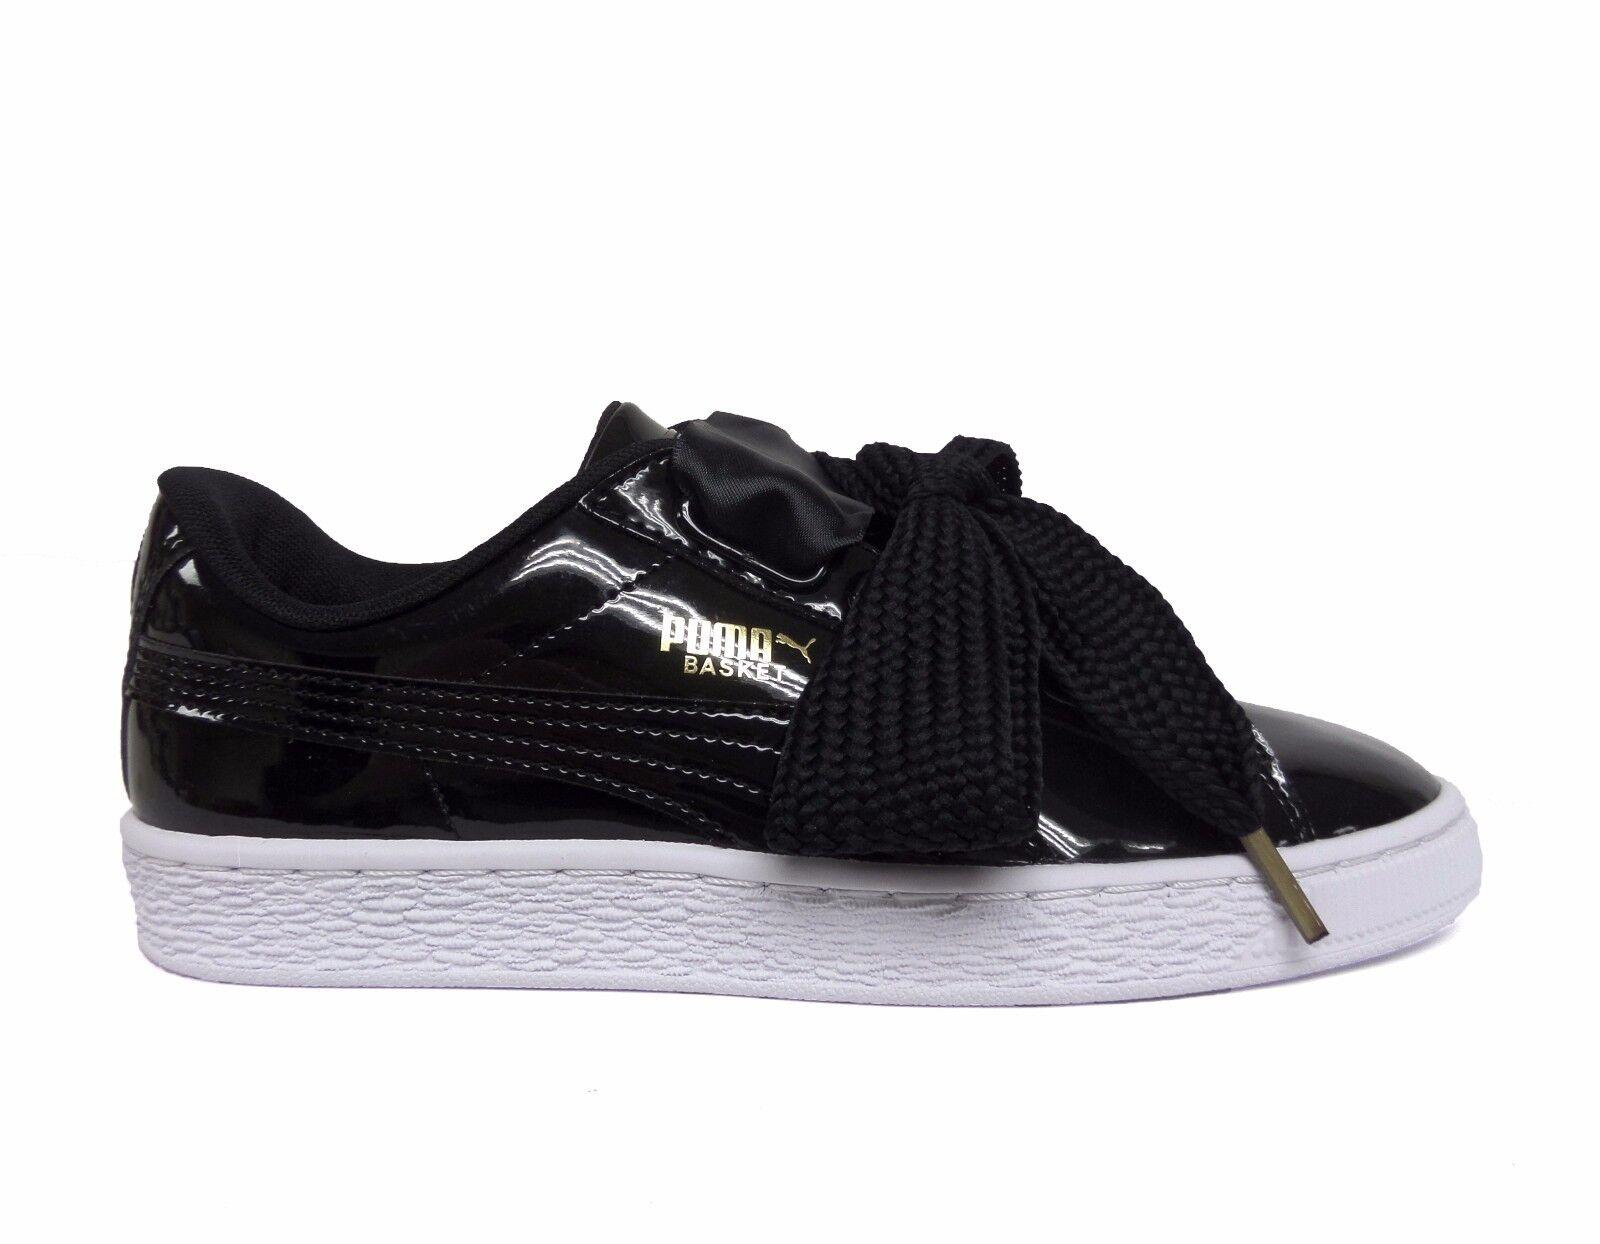 Puma delle donne cestino di cuore delle Puma scarpe di cuoio verniciato nero / bianco, 363073-01 b e650b8